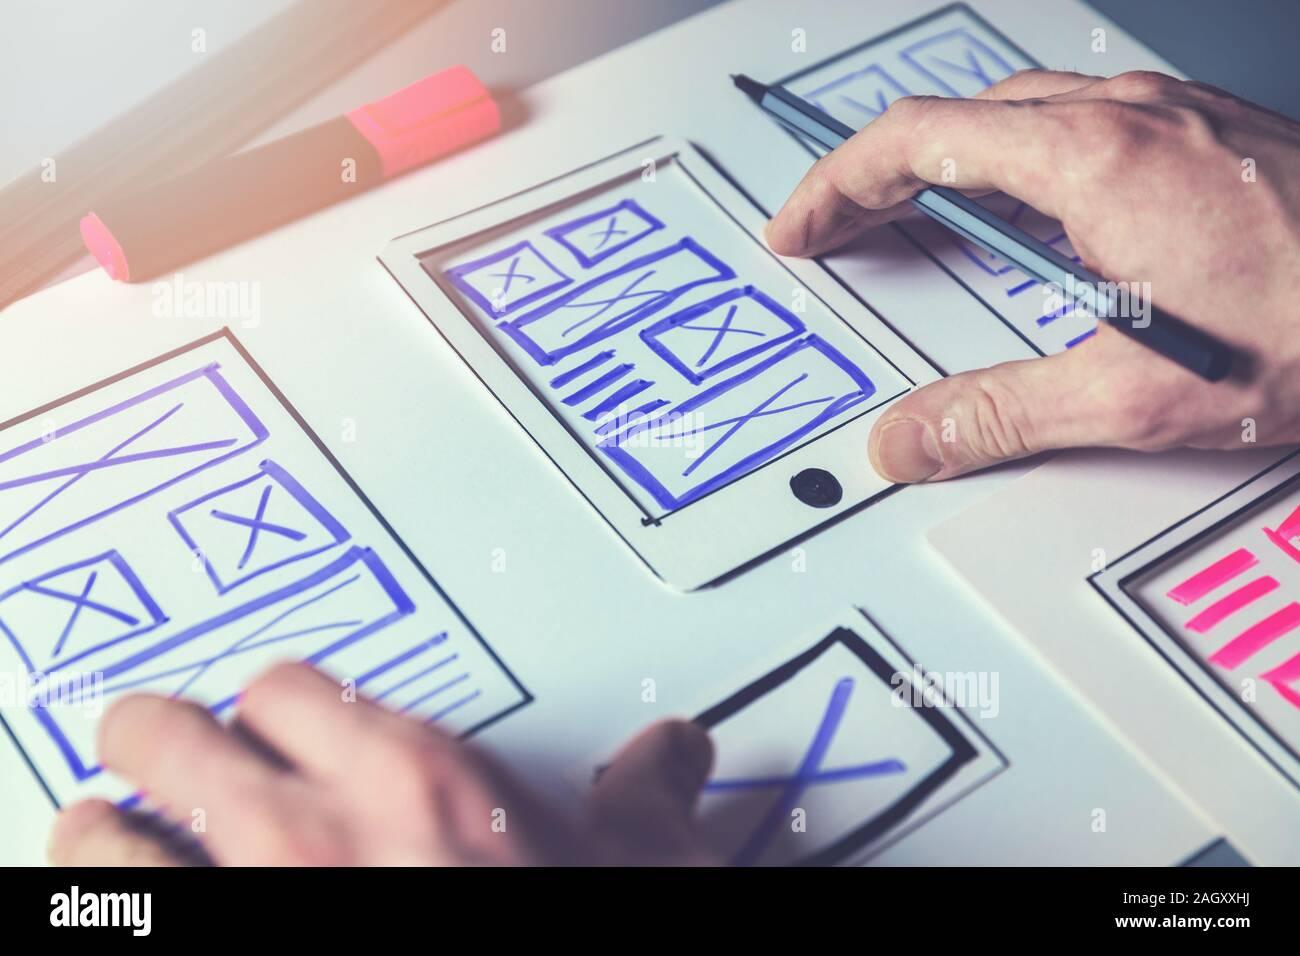 Ux diseñador gráfico boceto trama para aplicaciones móviles y desarrollo de sitios web Foto de stock